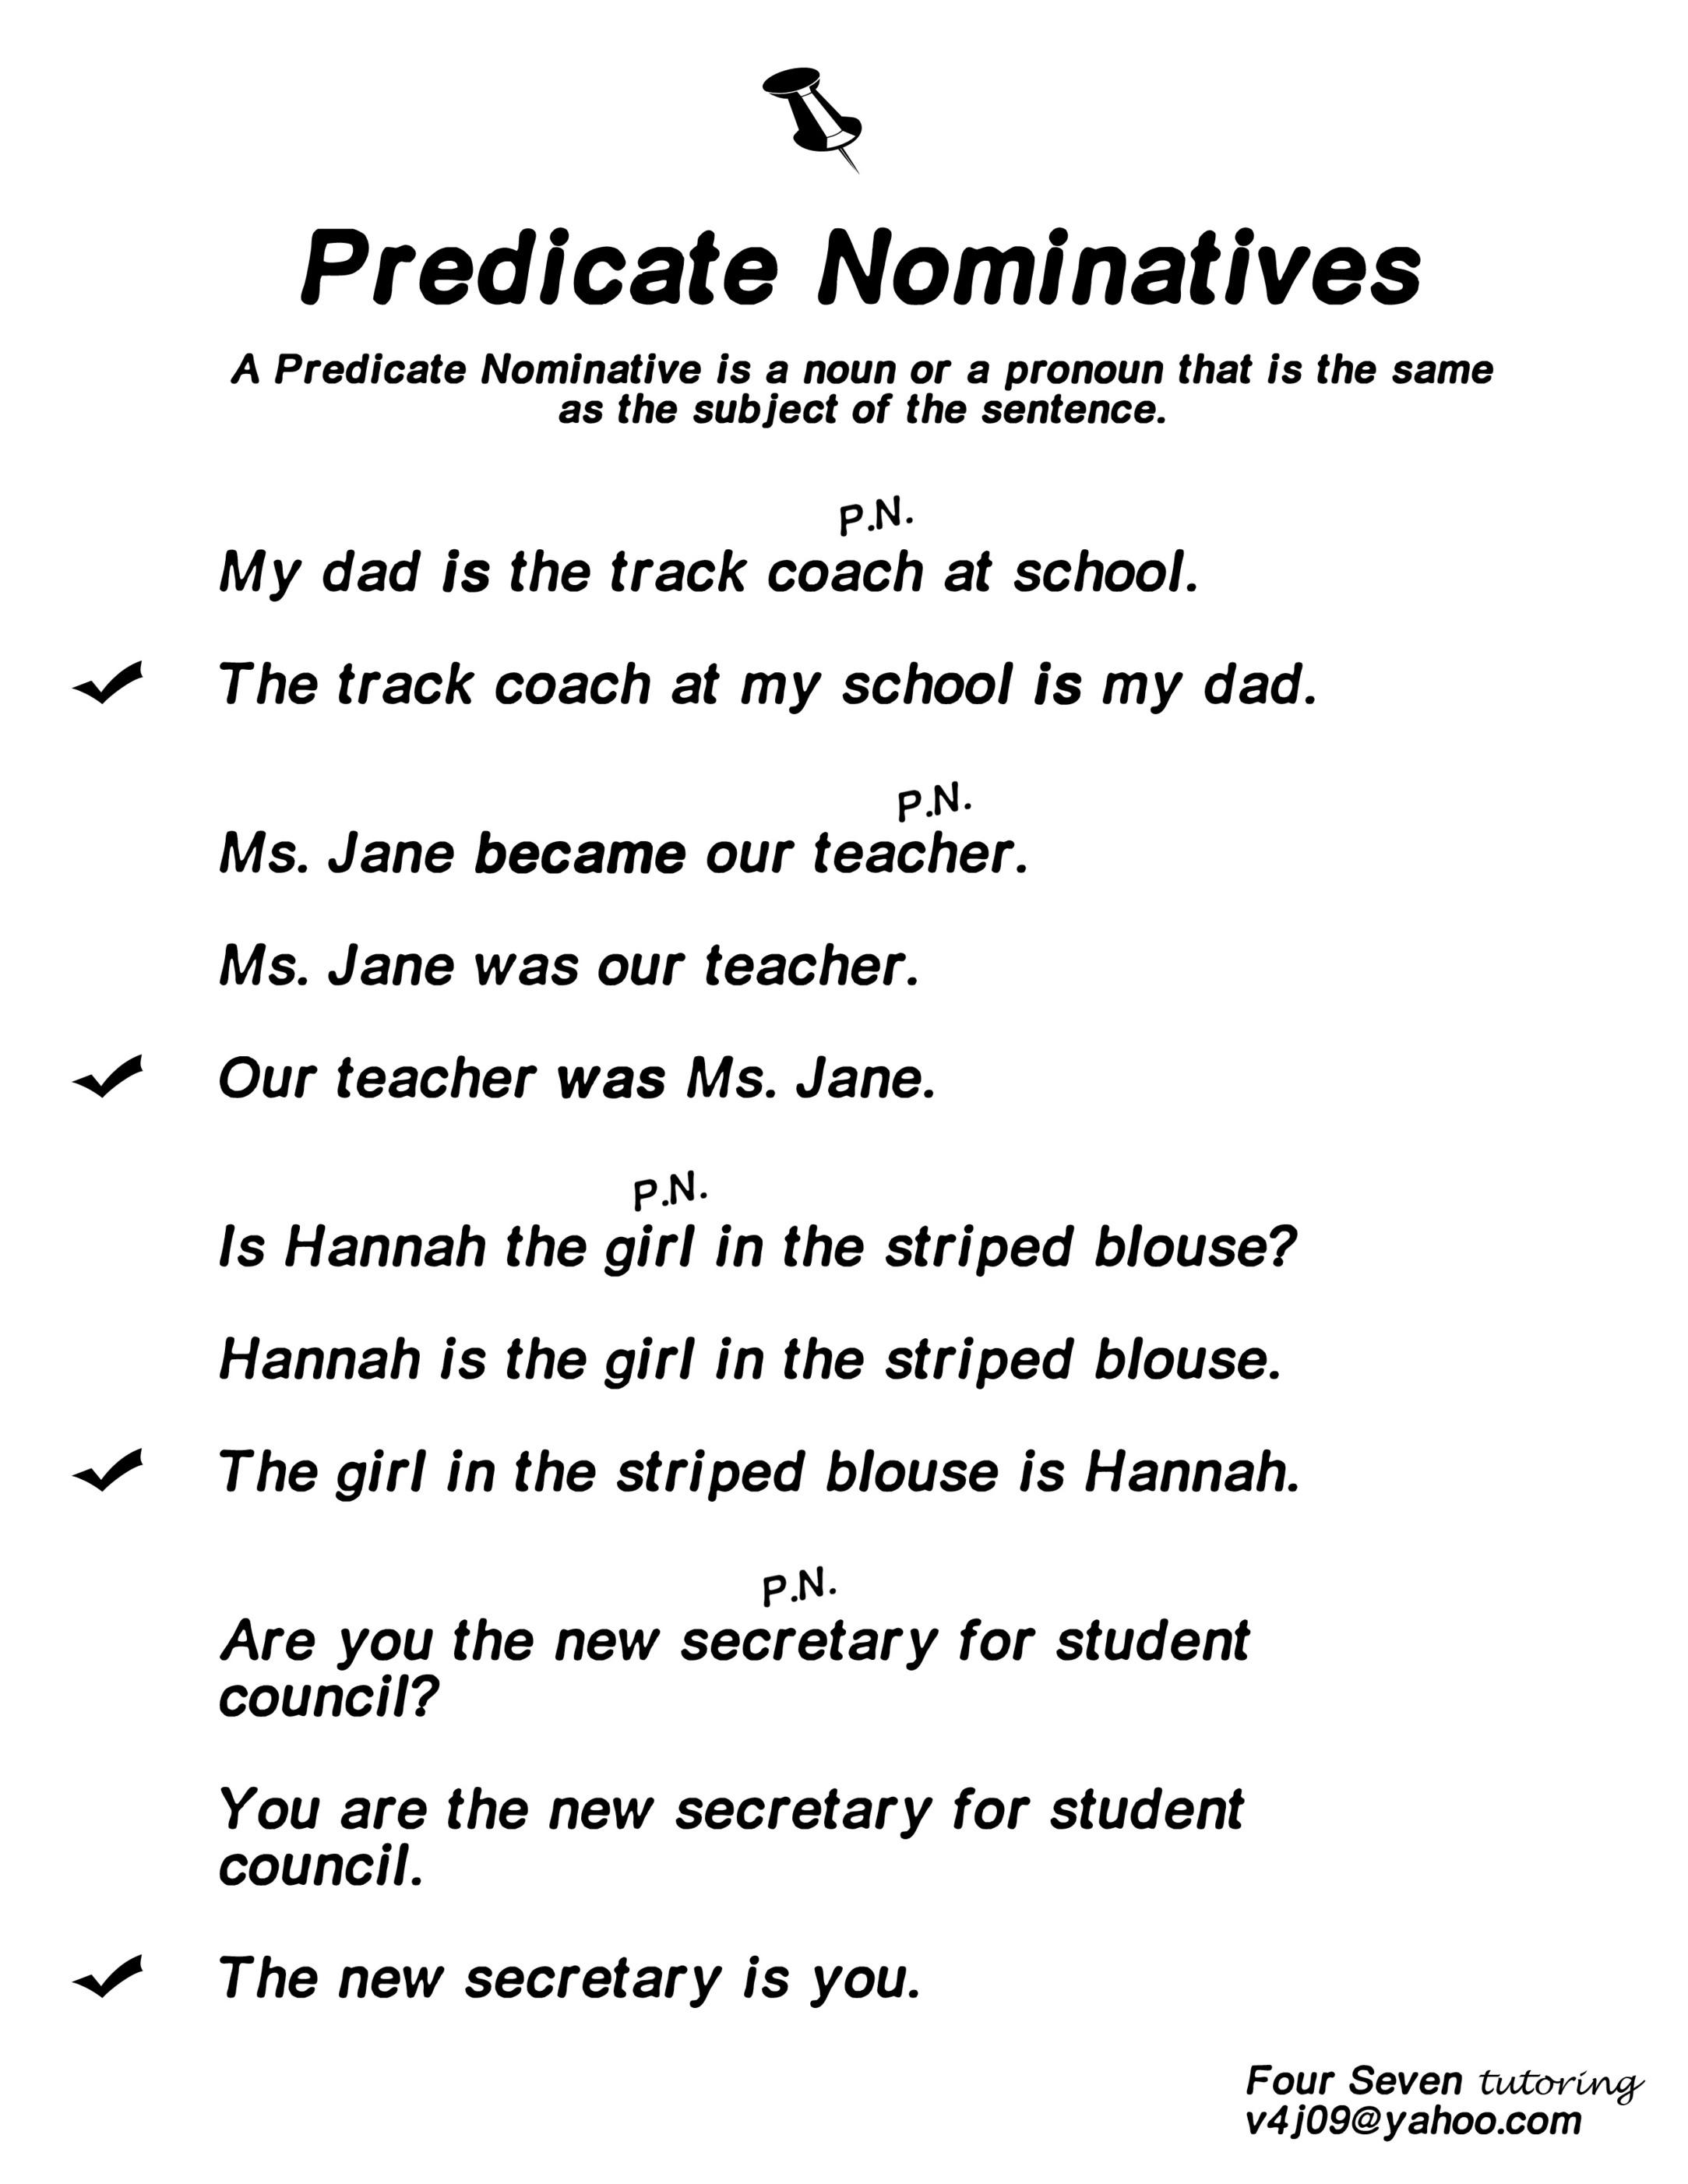 Predicate Nominative Definition, Predicate Nomi...